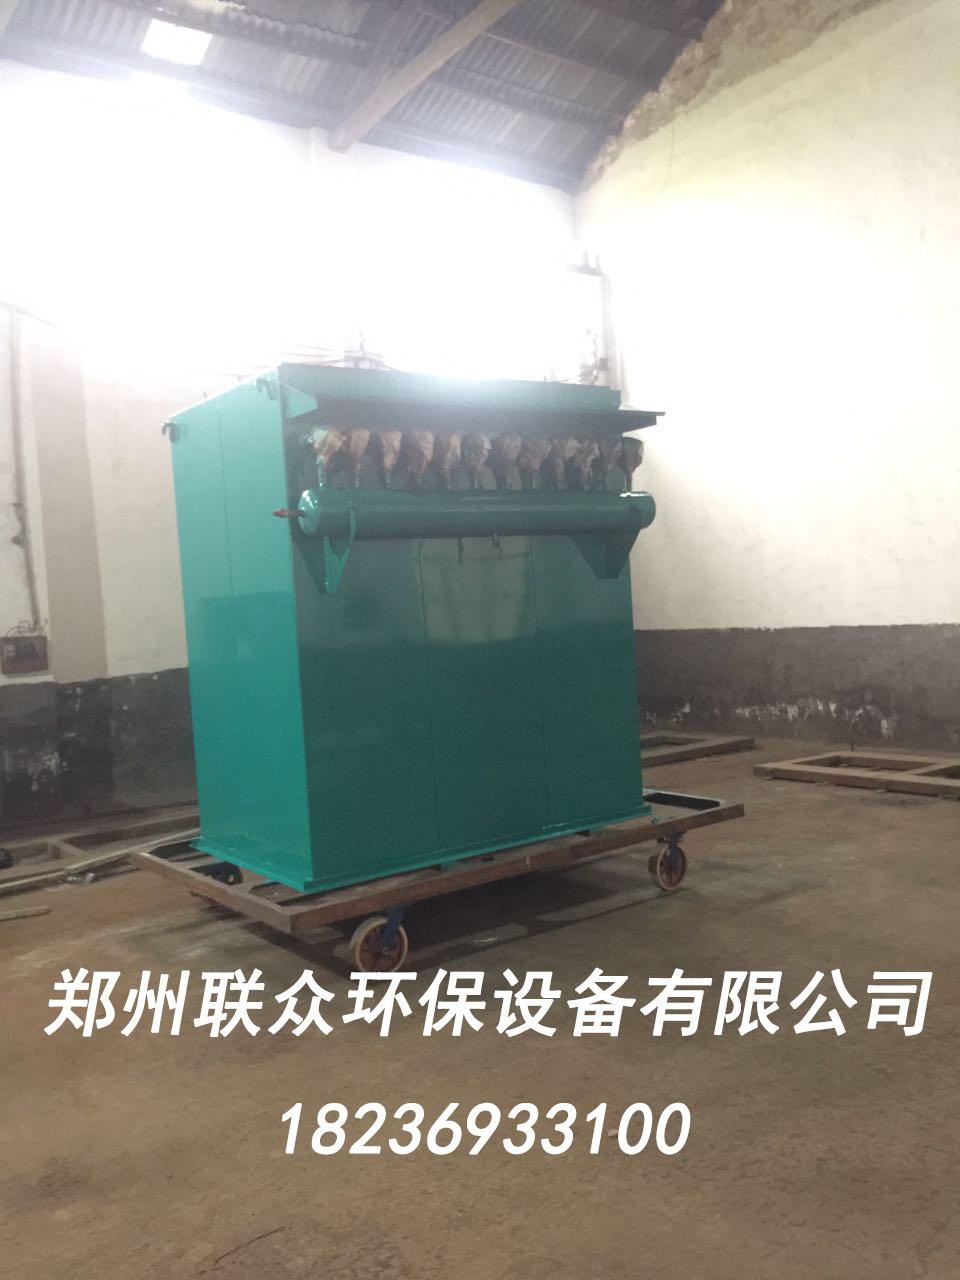 郑州水泥厂客户订的96型除尘器